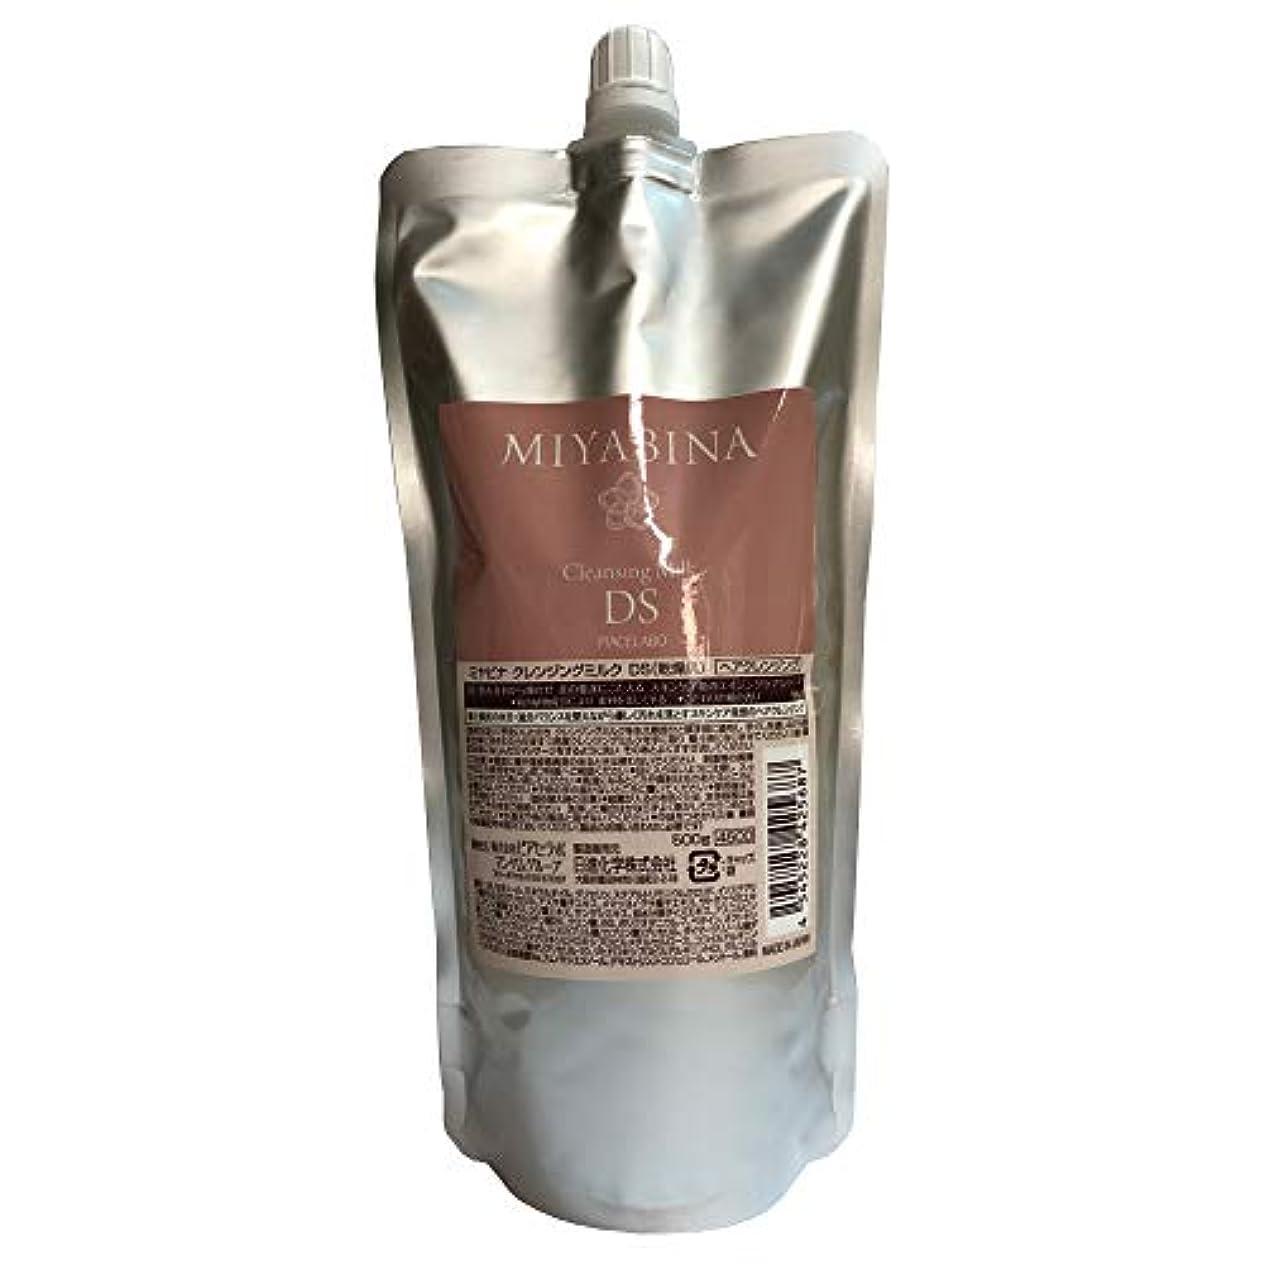 それに応じて高音パックミヤビナ クレンジングミルク DS(乾燥肌) 500g レフィル(詰め替え)